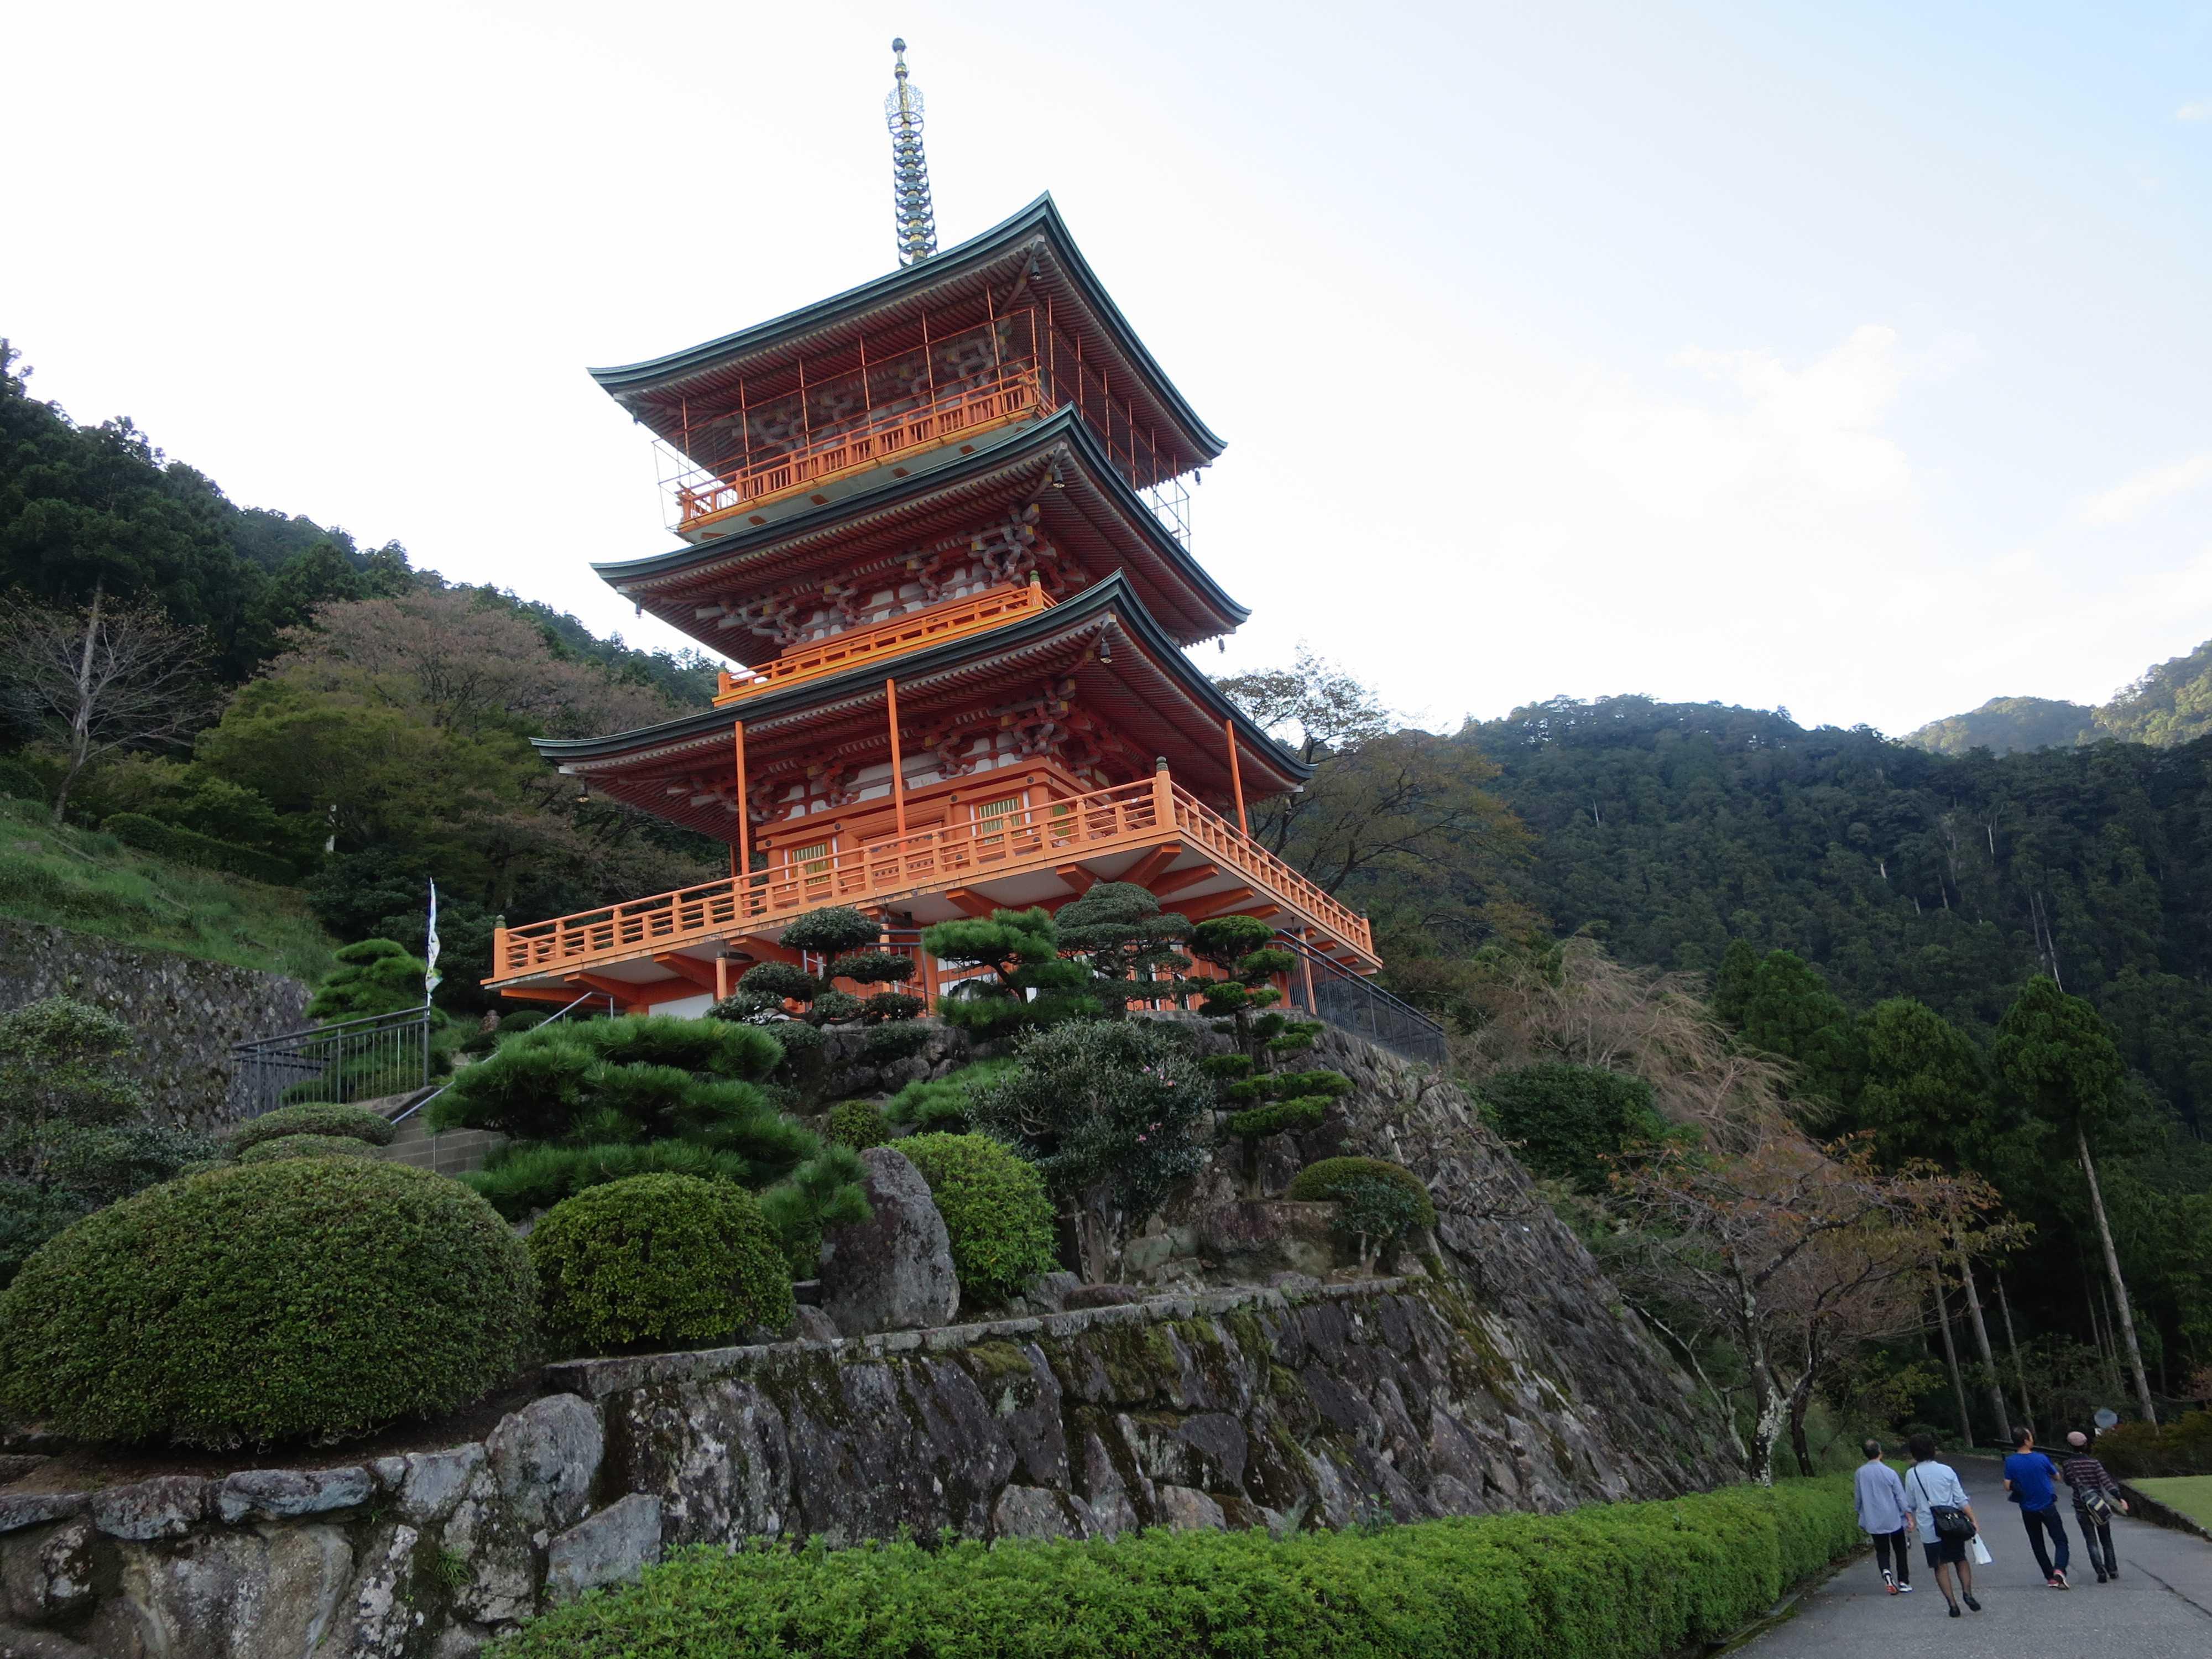 青岸渡寺の三重の塔